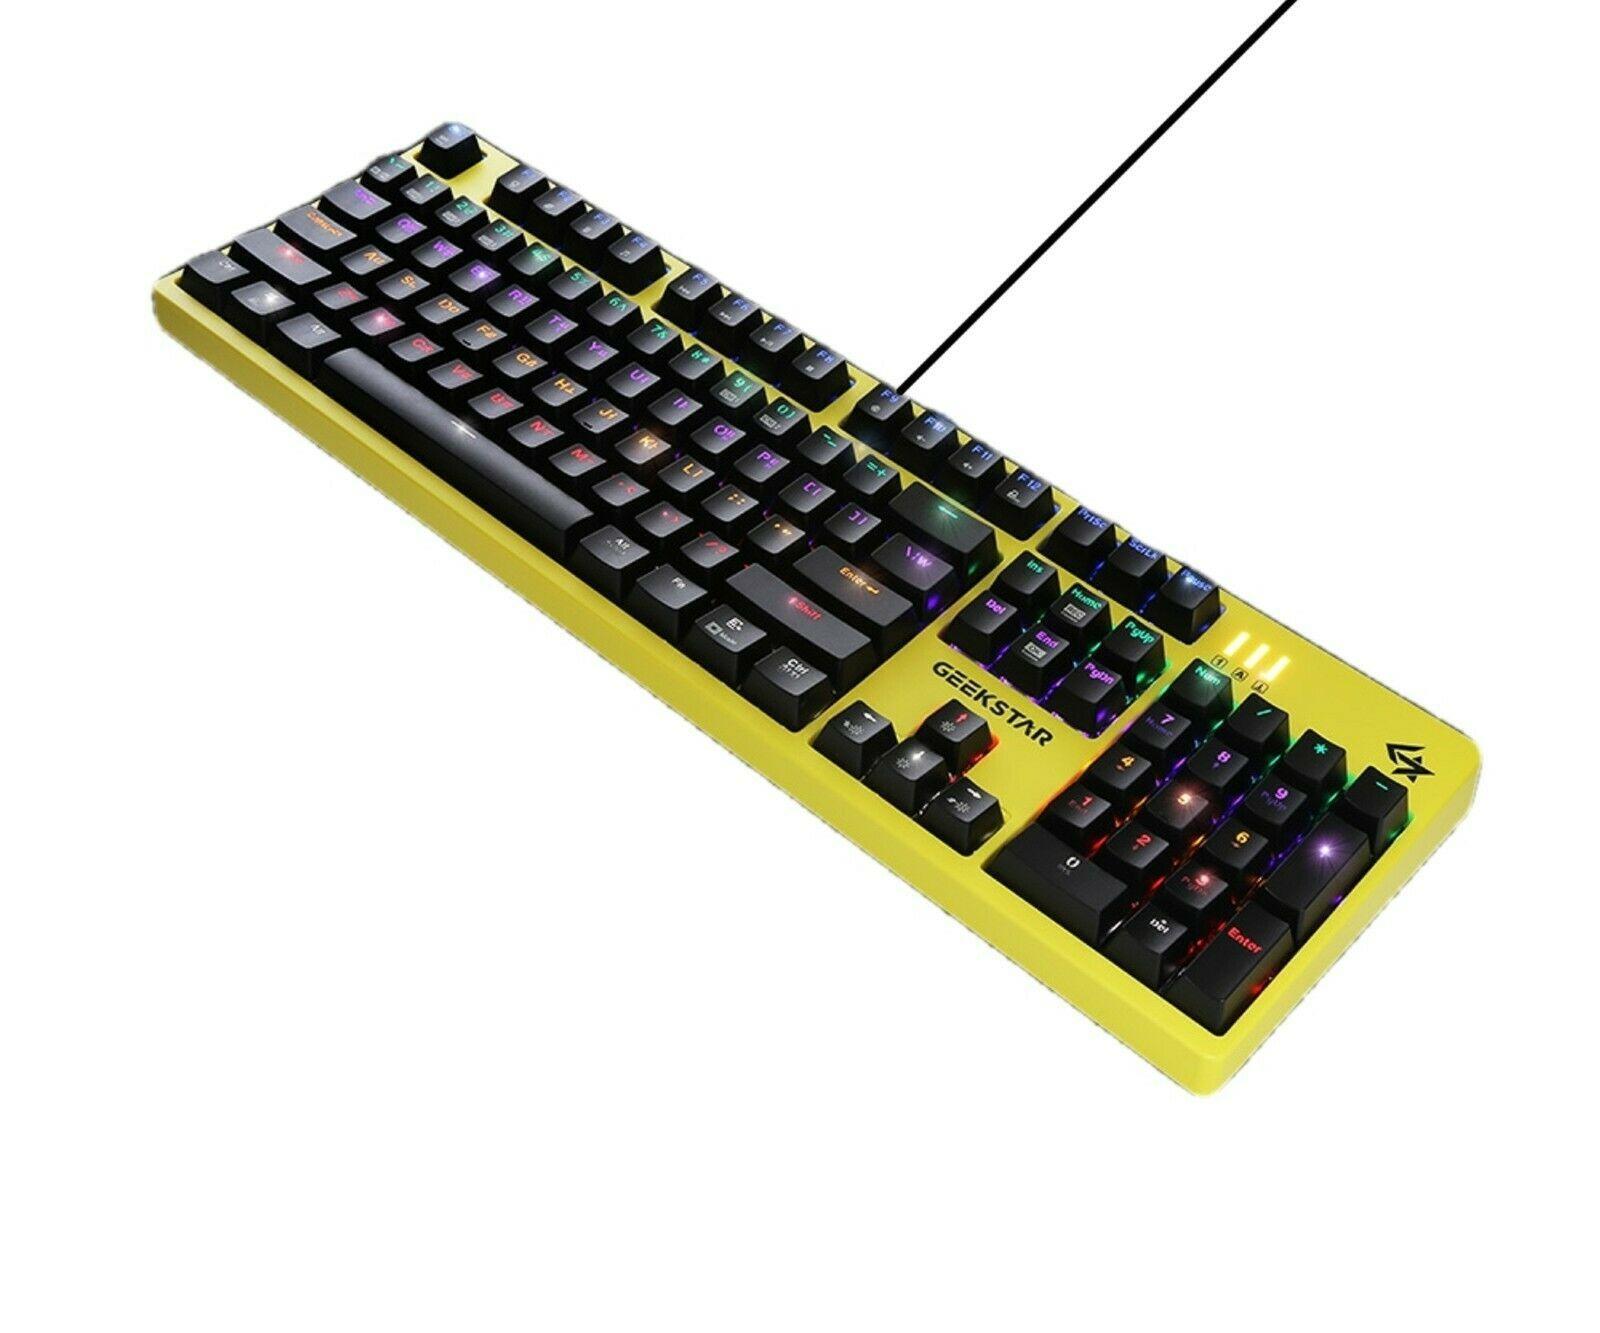 Geekstar GK702 Mechanical Gaming Keyboard English Korean Kailh Optical Switch